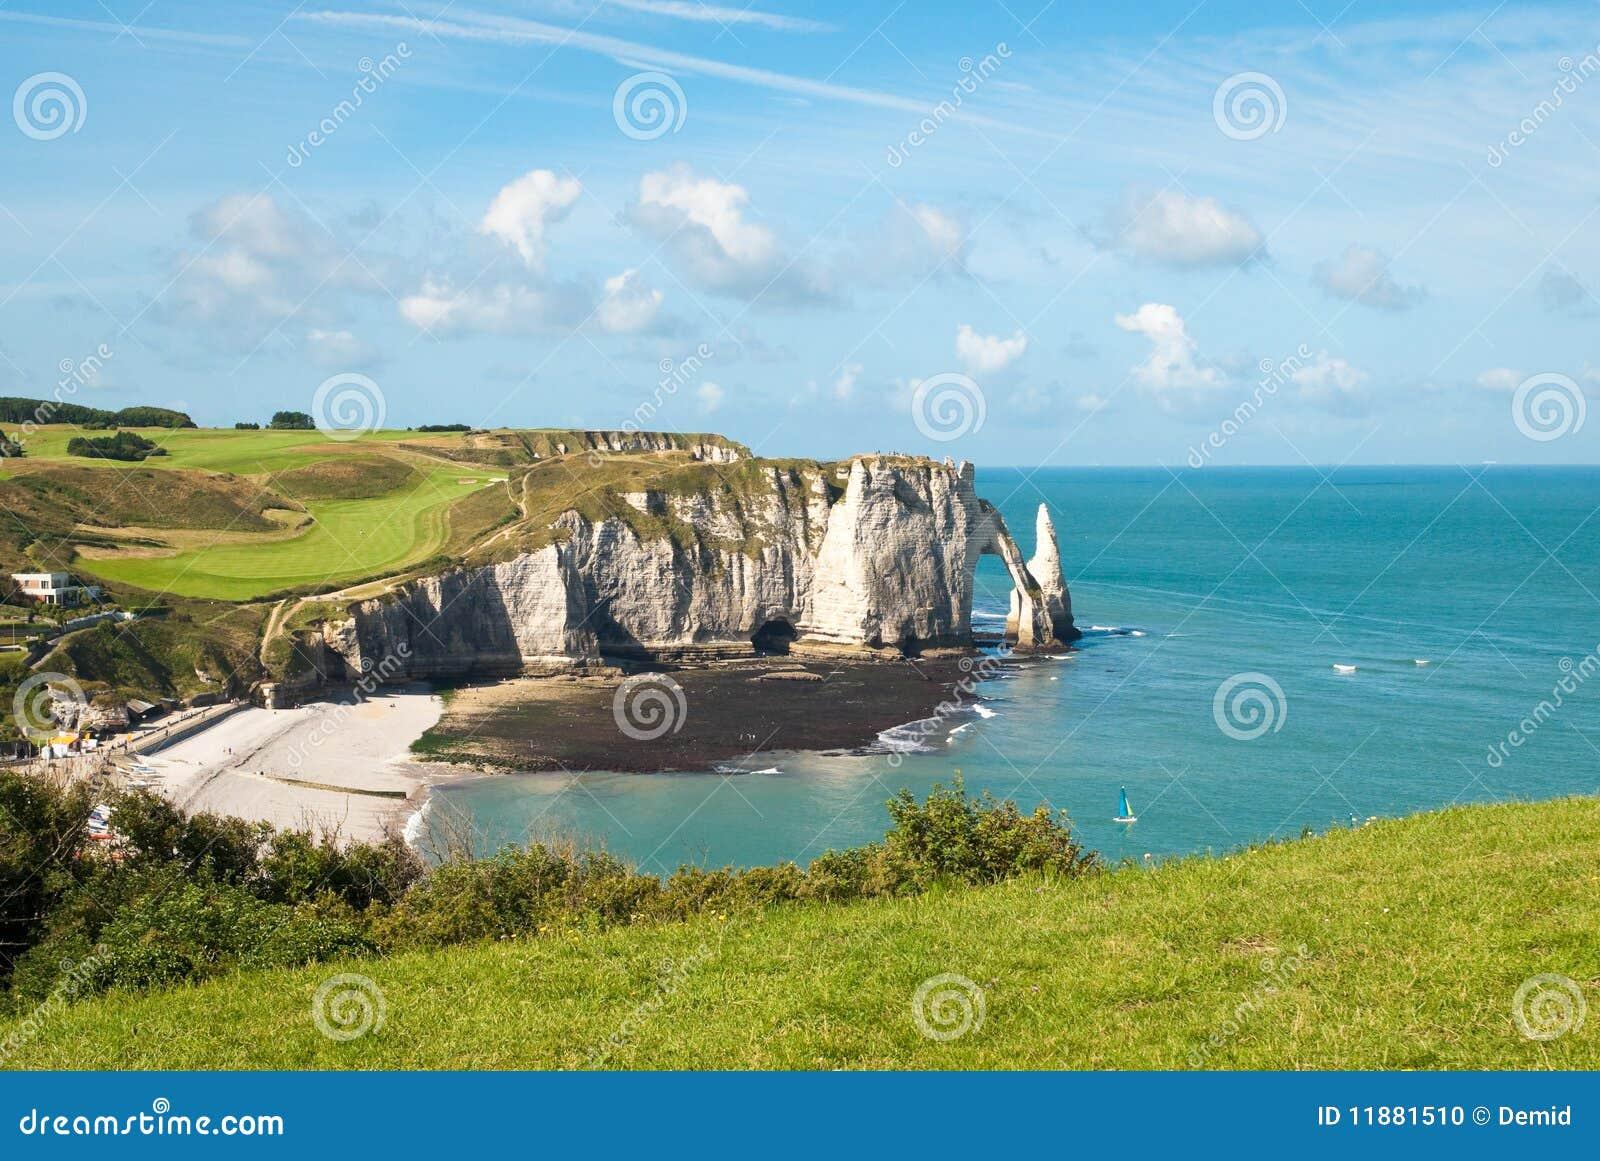 Felsiger Strand In Normandie Frankreich Stockfoto Bild Von Felsiger Frankreich 11881510